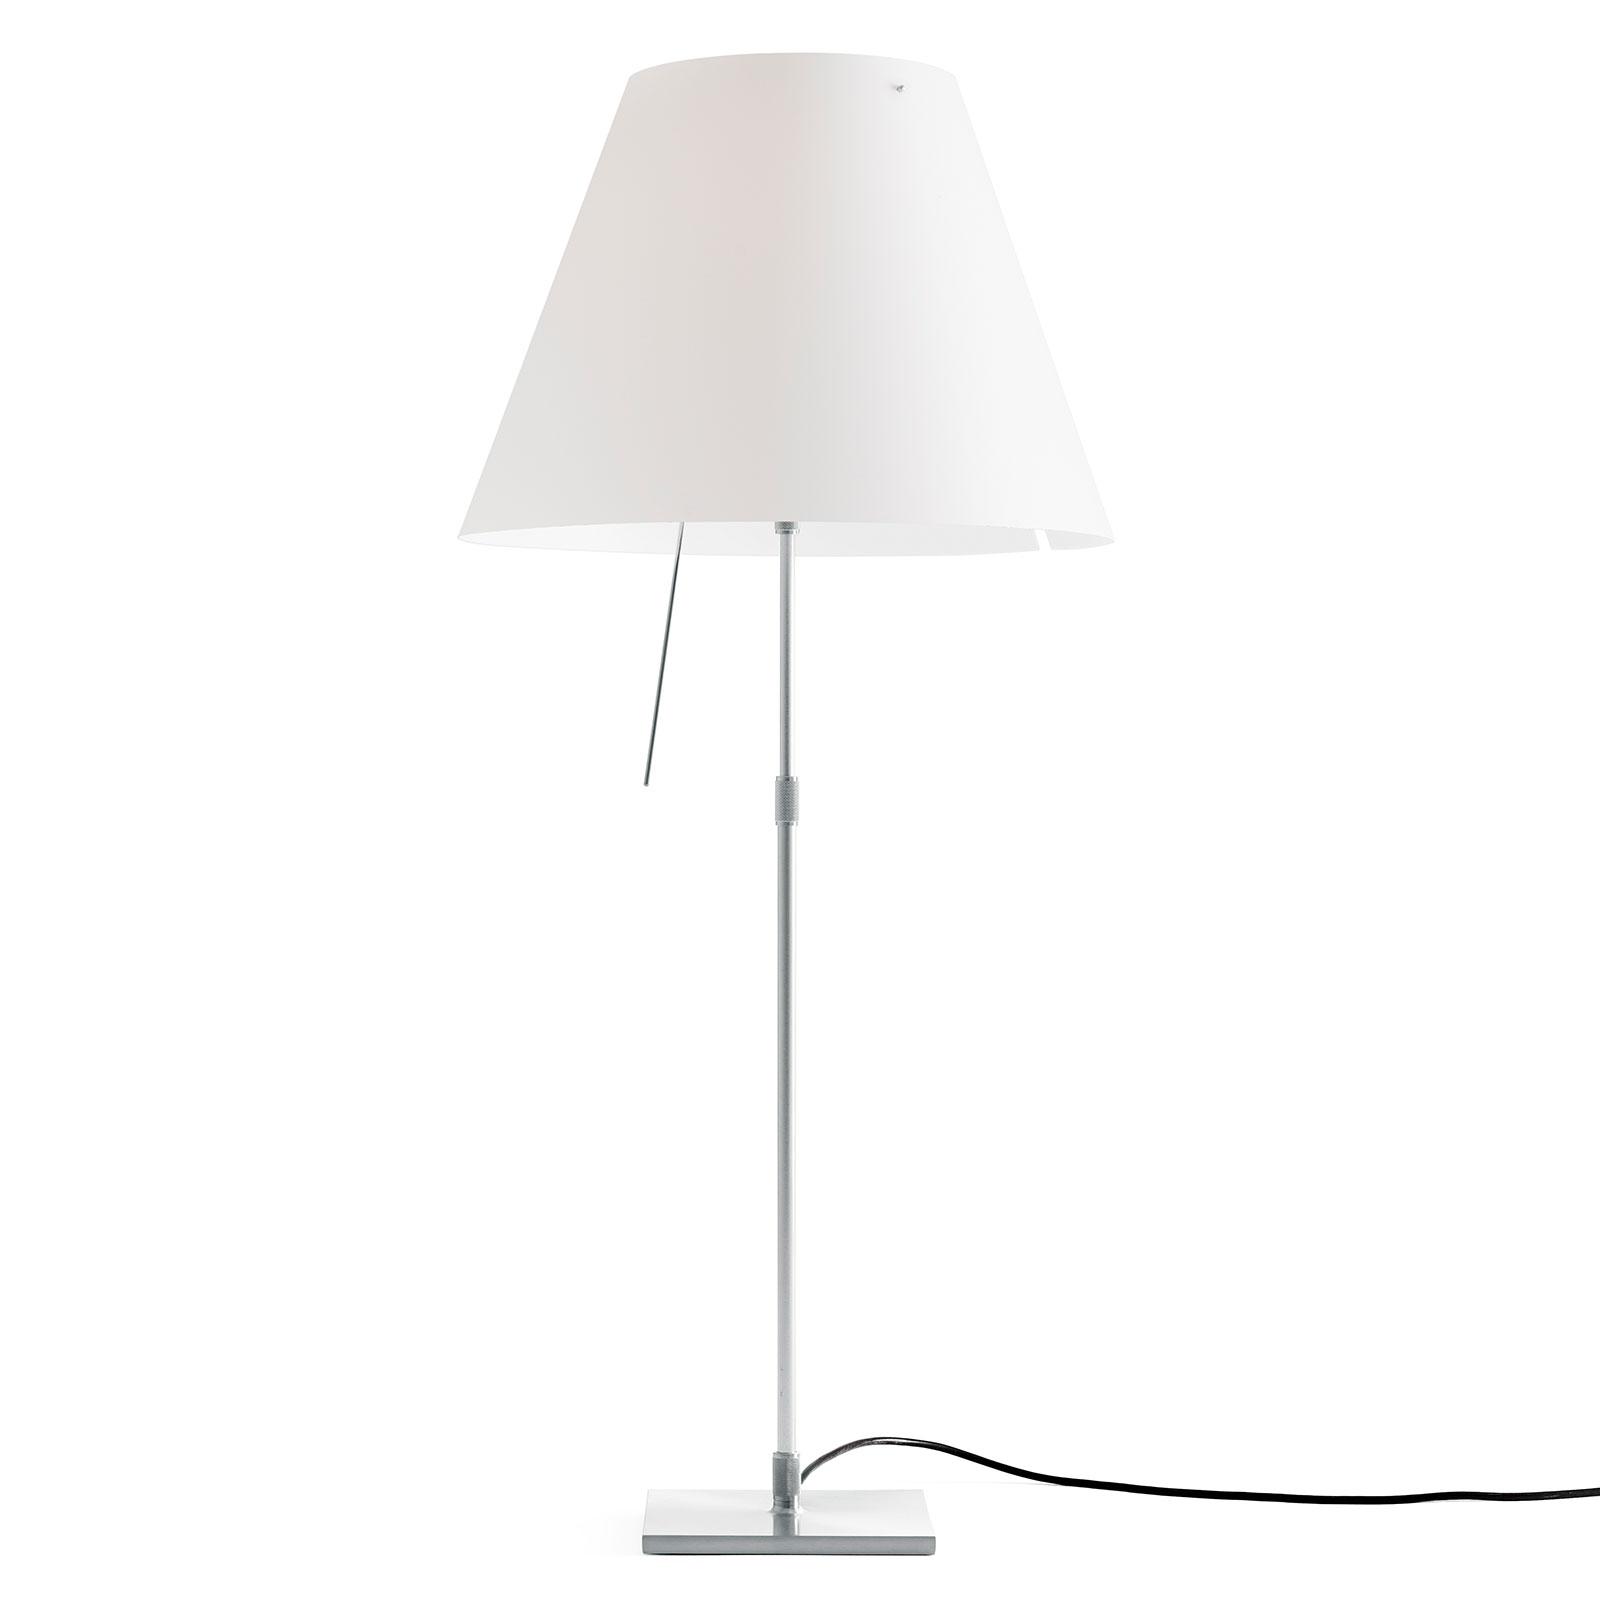 Luceplan Costanza Tischlampe D13i aluminium/weiß